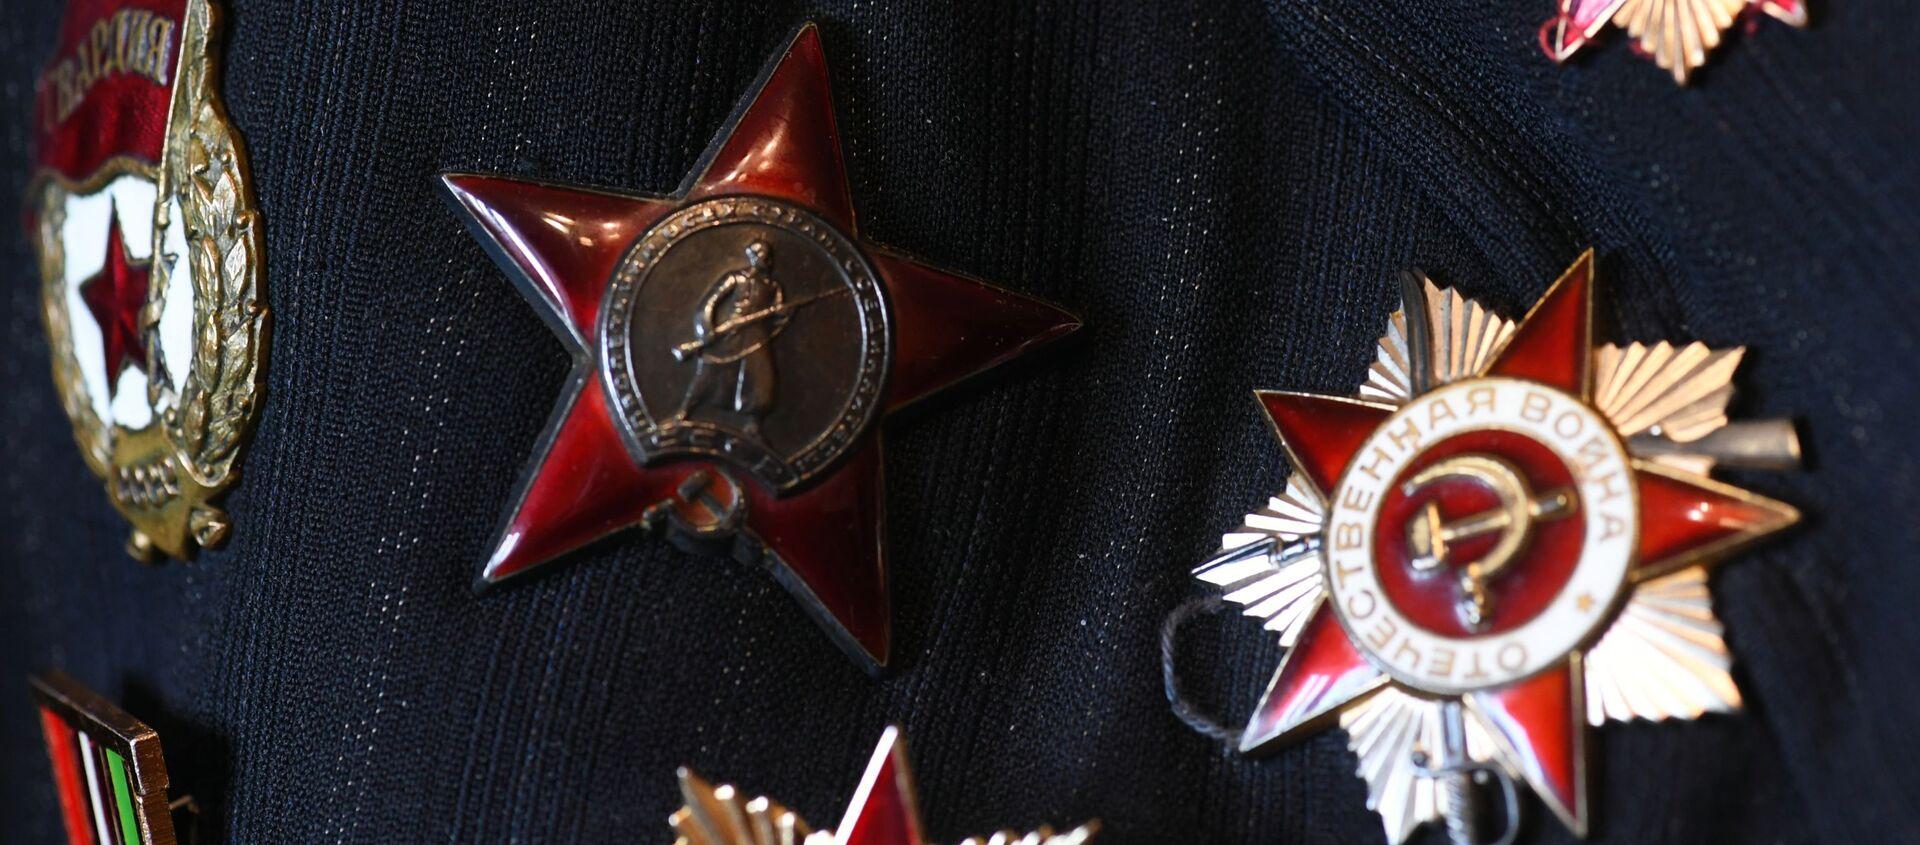 Награды ветерана Великой Отечественной войны, фото из архива - Sputnik Азербайджан, 1920, 27.04.2021